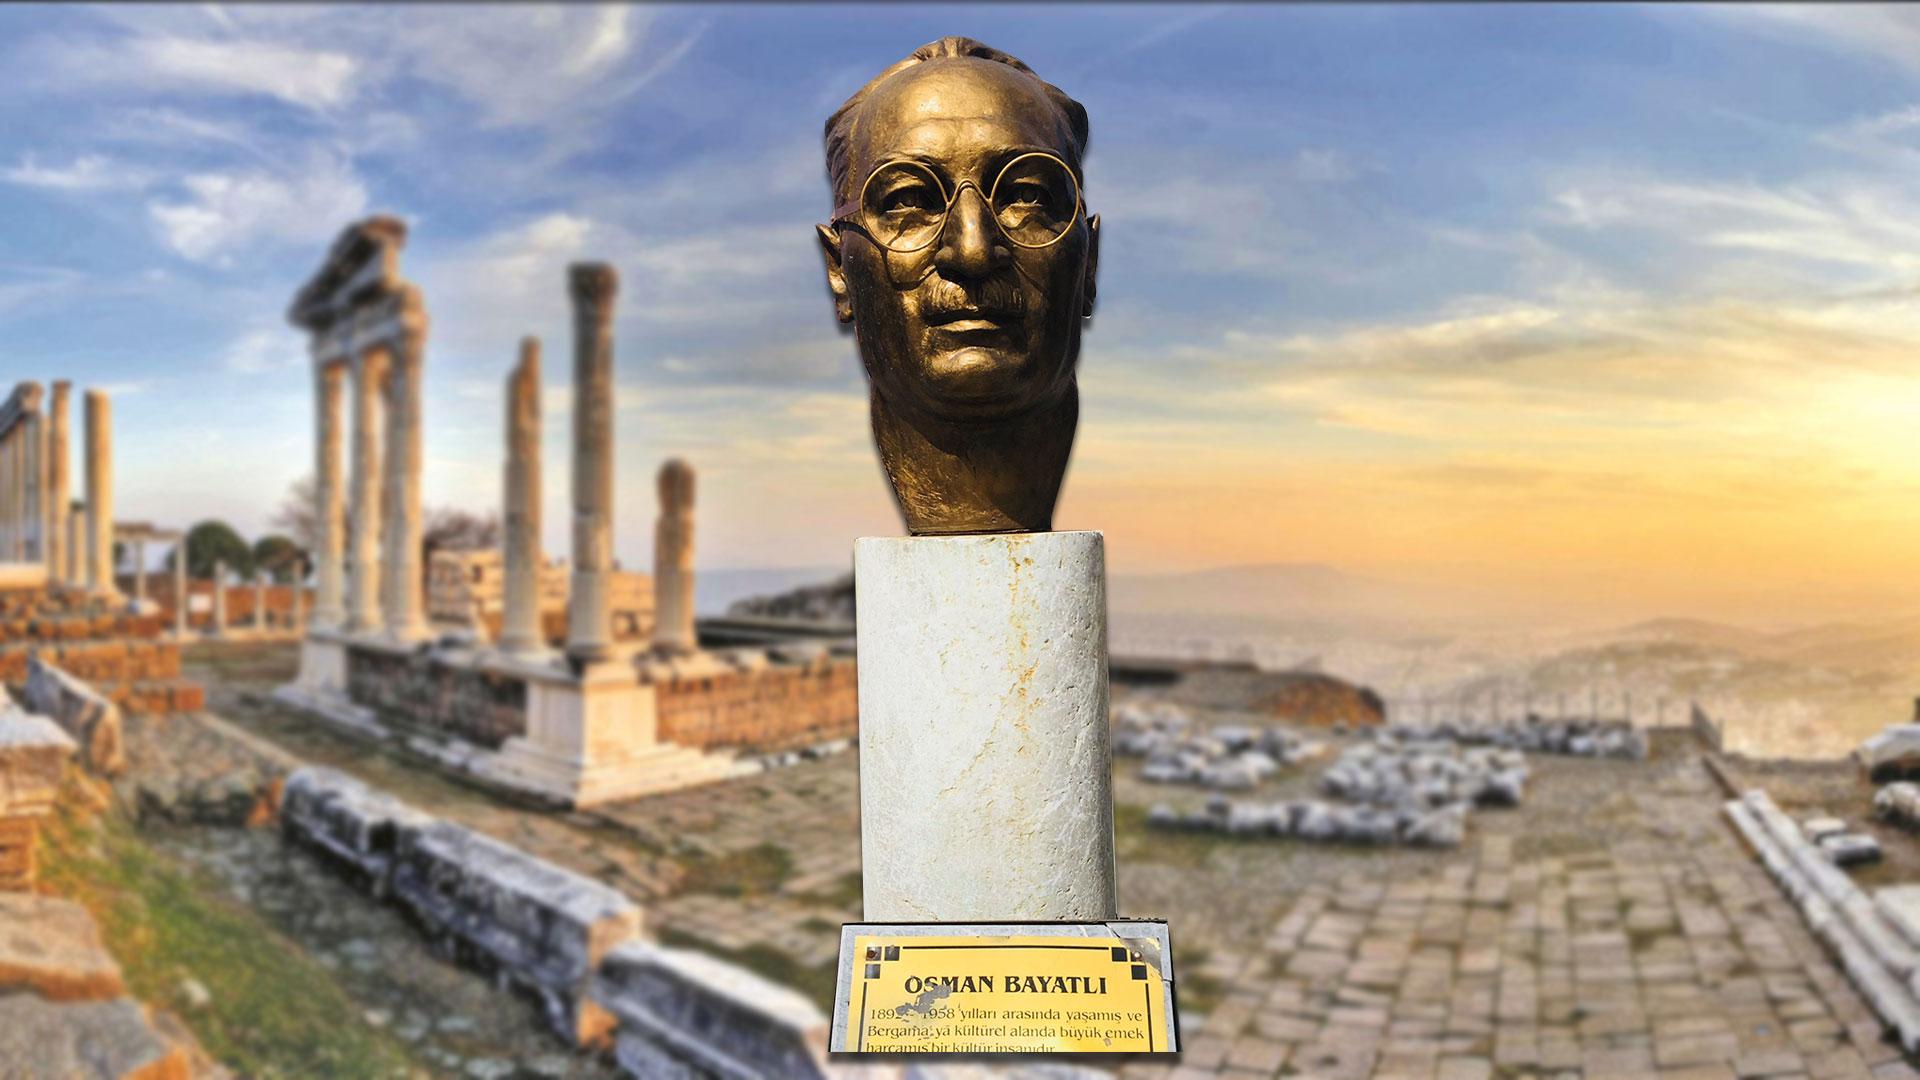 osman-bayatli-bust